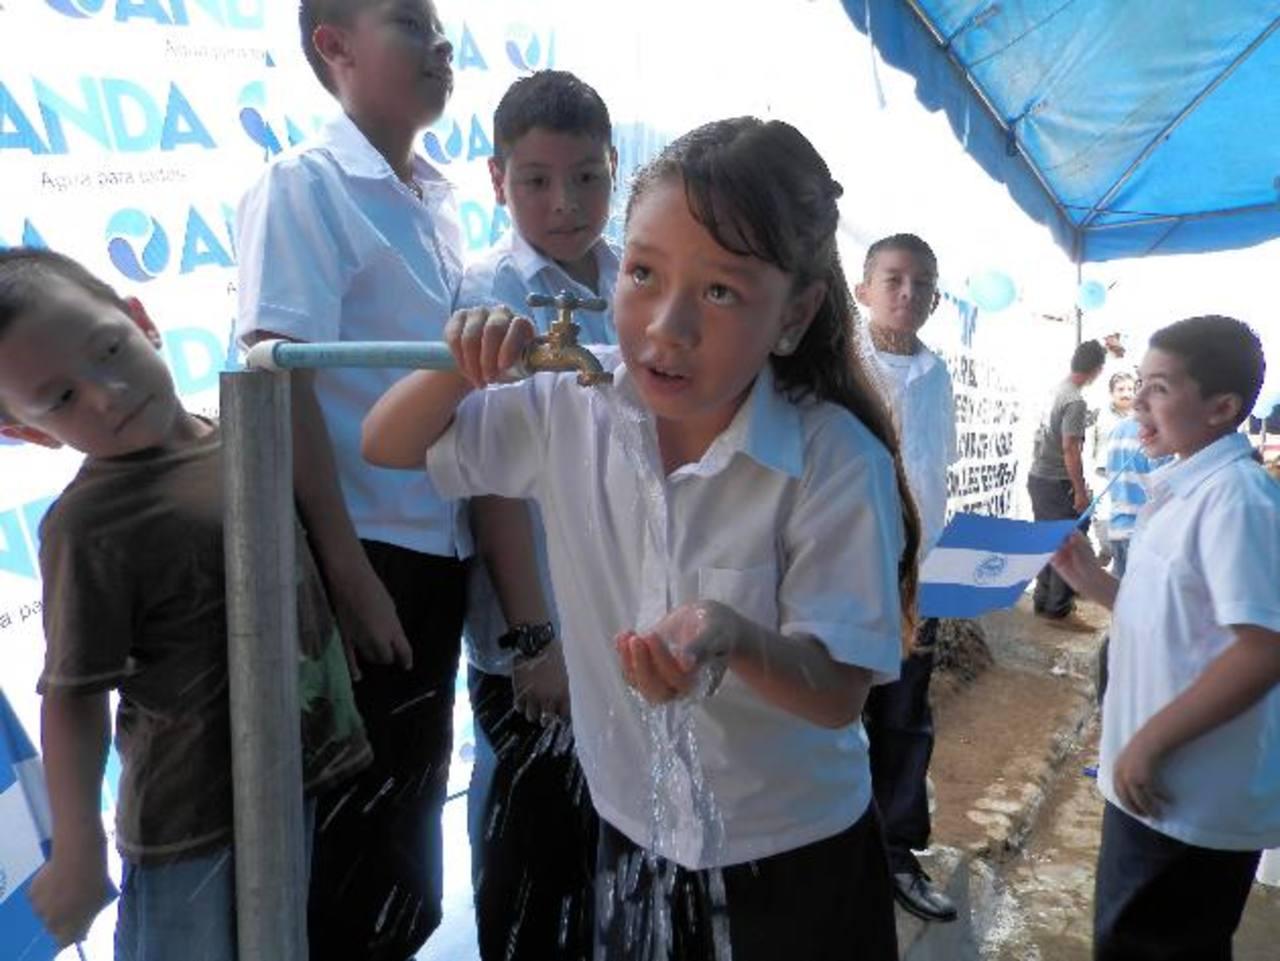 Los 214 alumnos del centro escolar Las Colinas serán beneficiados con el suministro de agua potable. Foto EDH / milton jaco